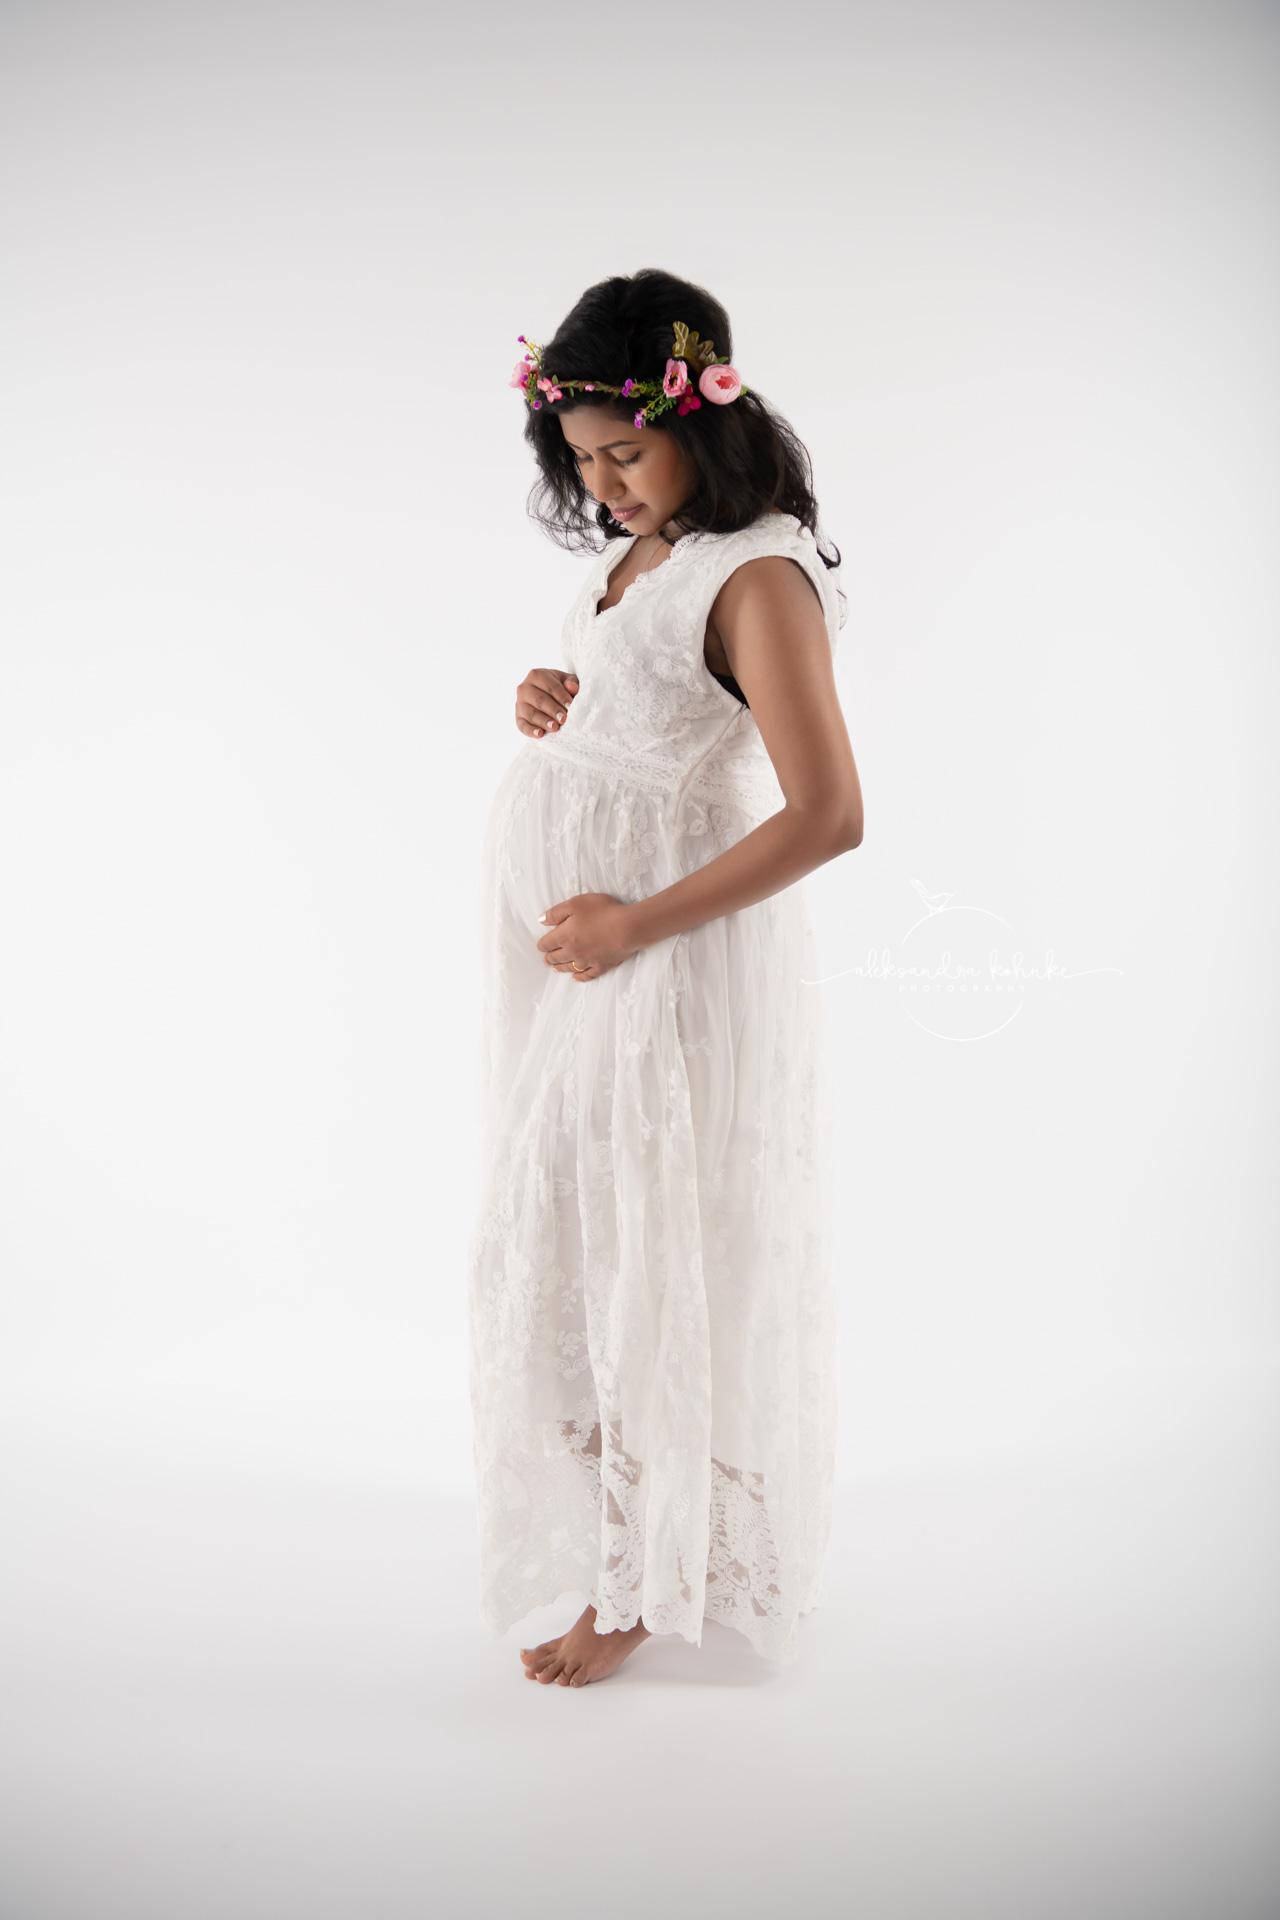 Babybauchshooting in Rapperswil Jona am Zürichsee und Kanton Sankt Gallen und Zürich bei Babybauchfotografin